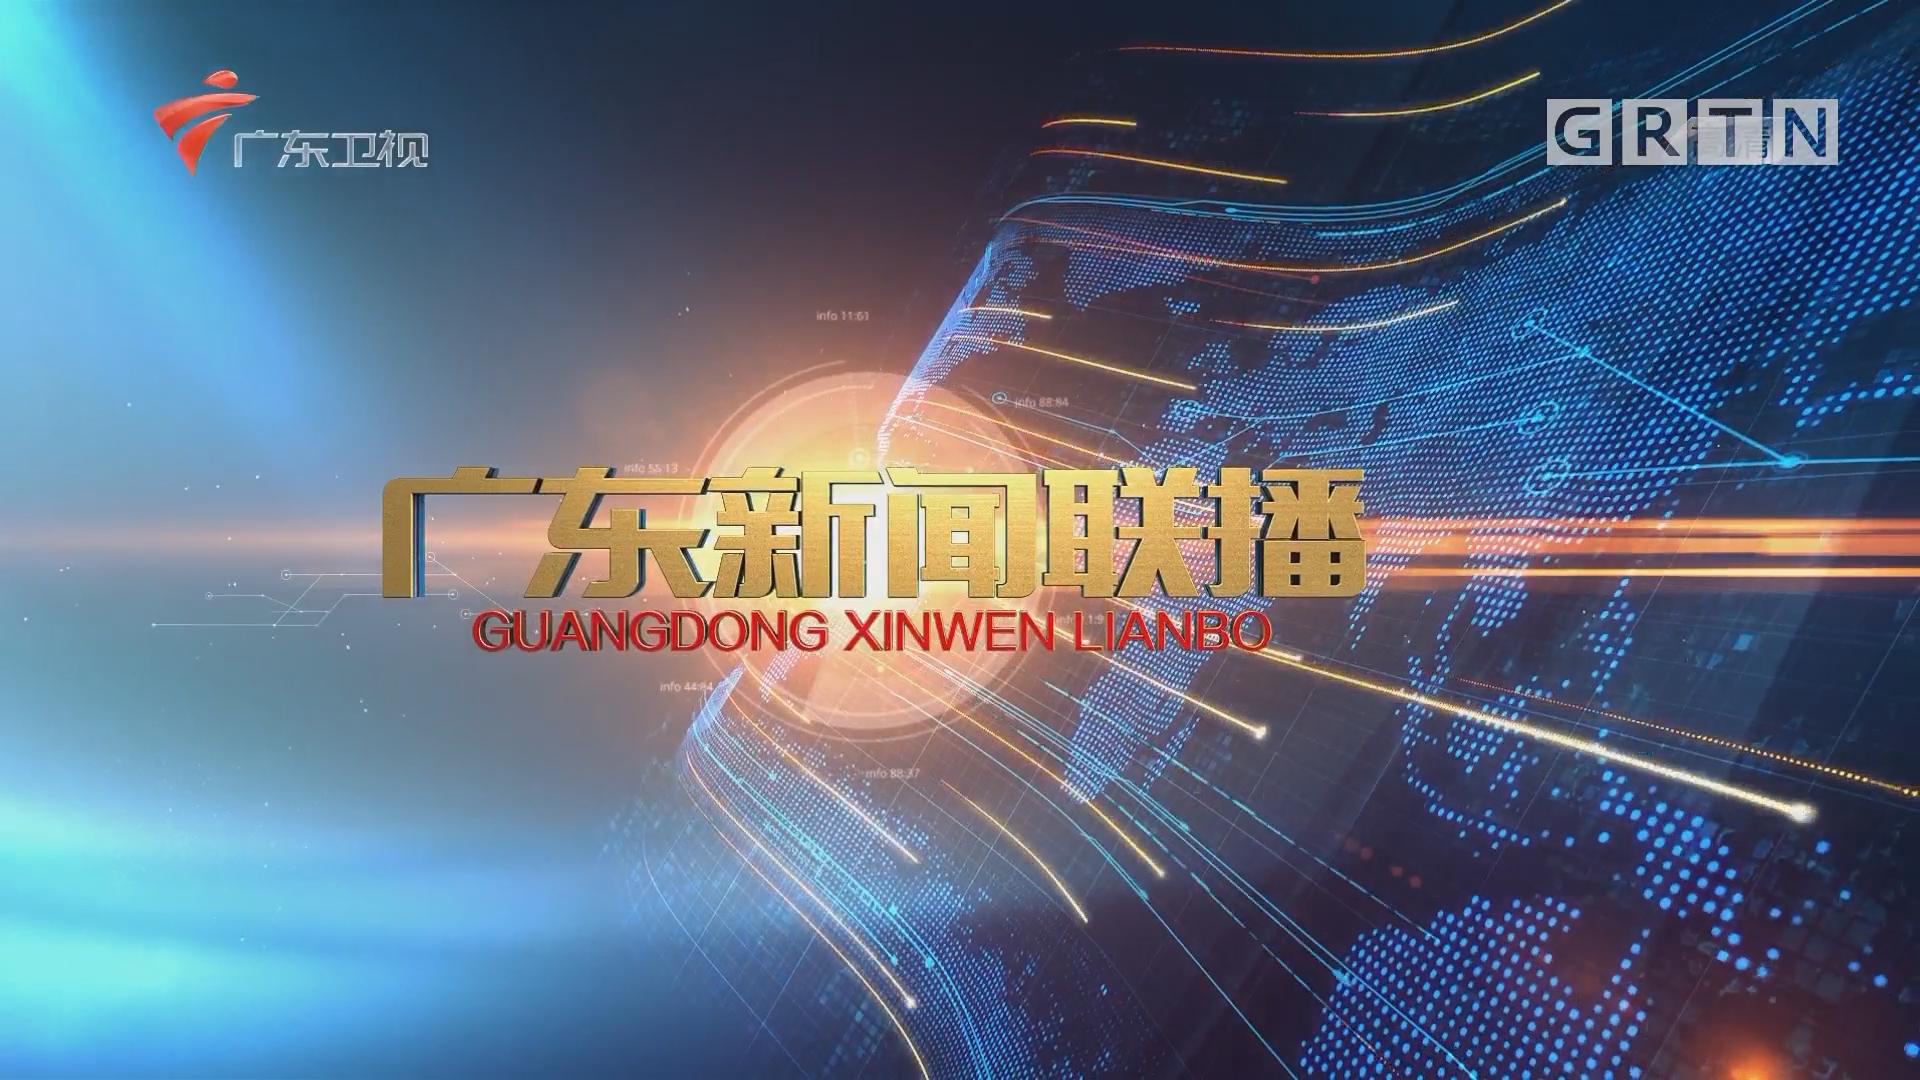 """[HD][2018-08-10]广东新闻联播:广东实现""""二十四证合一""""再降企业成本提高效率"""